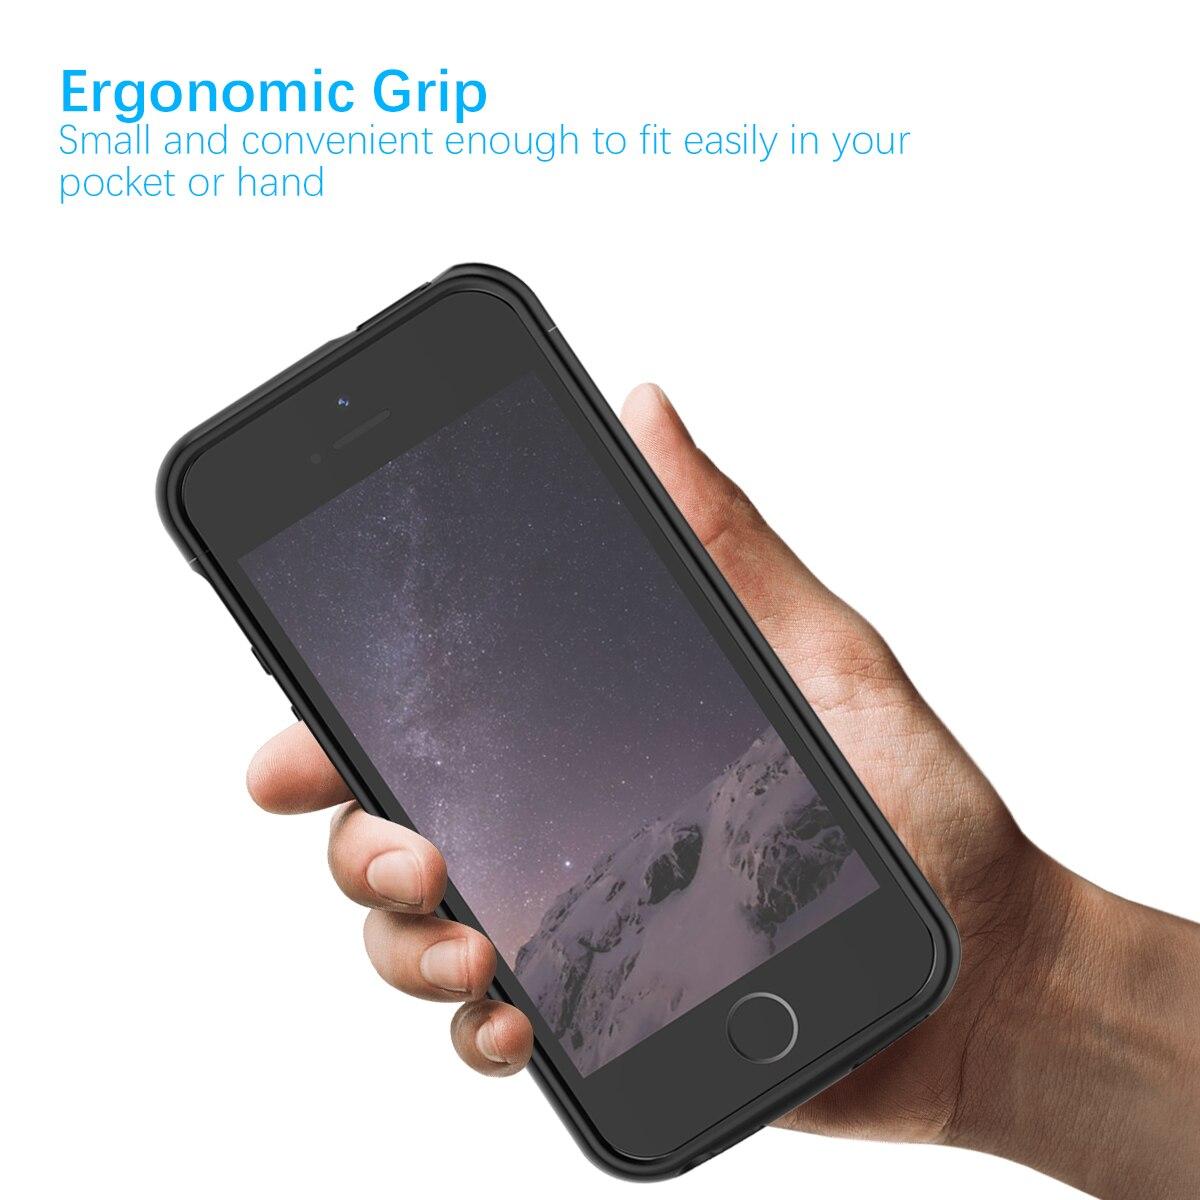 Image 3 - IPhone 11 SE 5 5S 배터리 충전기 케이스 4000mAh 외부 전원 은행 충전 커버 iPhone XS 7 8 plus 6 6S 배터리 케이스배터리 충전 케이스전화기 & 통신 -